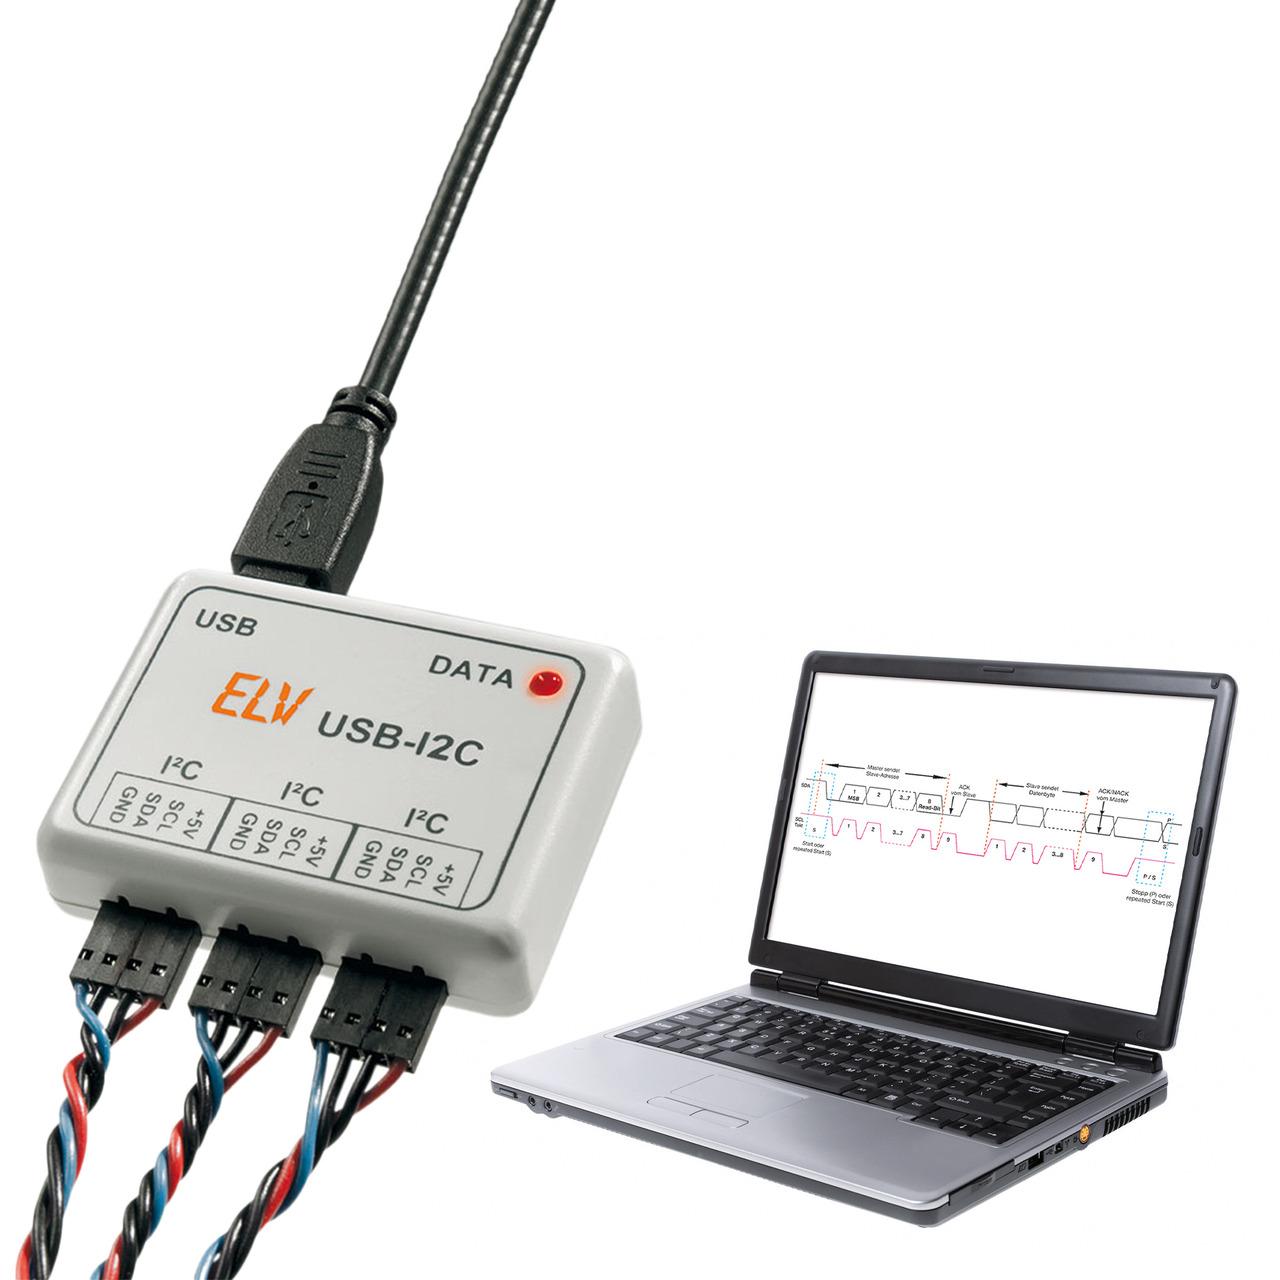 ELV Bausatz USB-I2C-Interface- inkl- Gehäuse- USB-Kabel- 3 Anschlusskabel